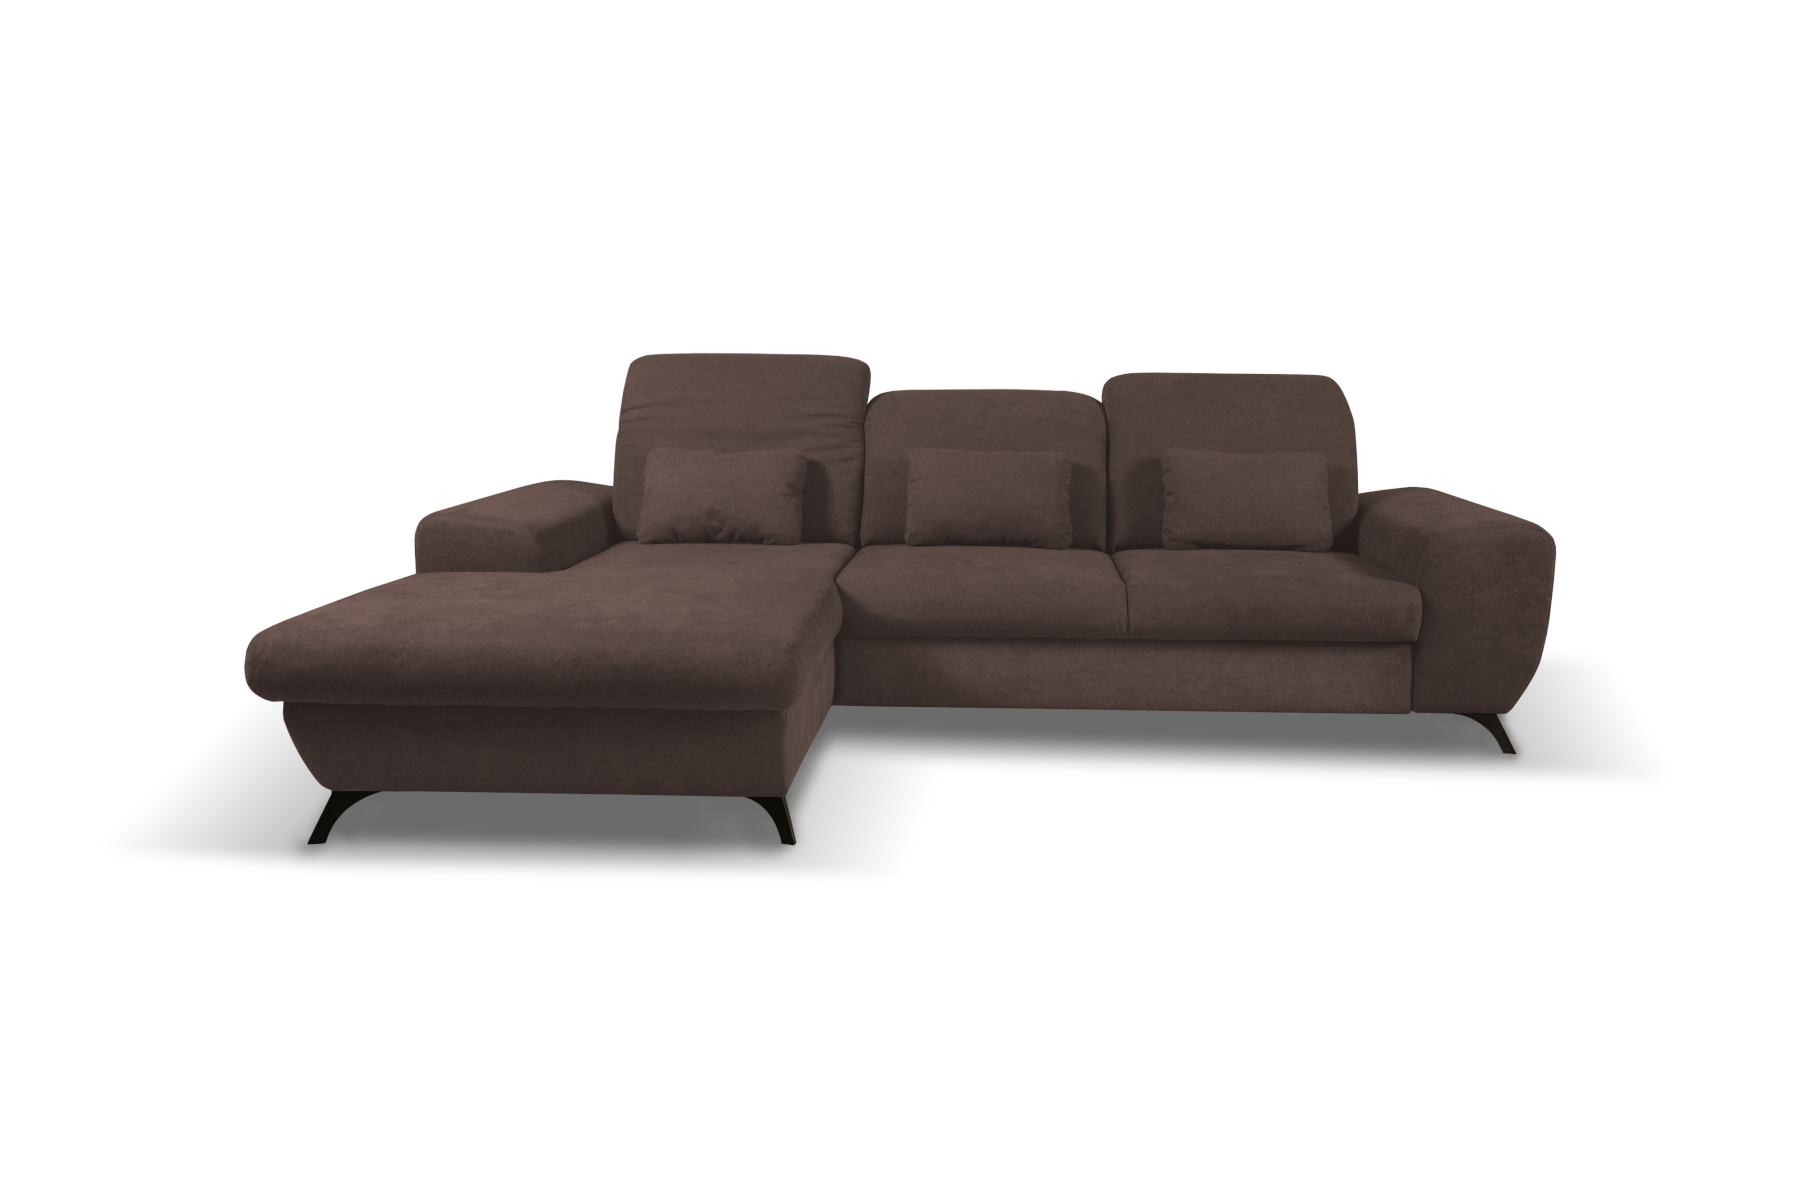 ecksofa eckcouch mit bettkasten sofa wohnlandschaft l form braun corse ebay. Black Bedroom Furniture Sets. Home Design Ideas